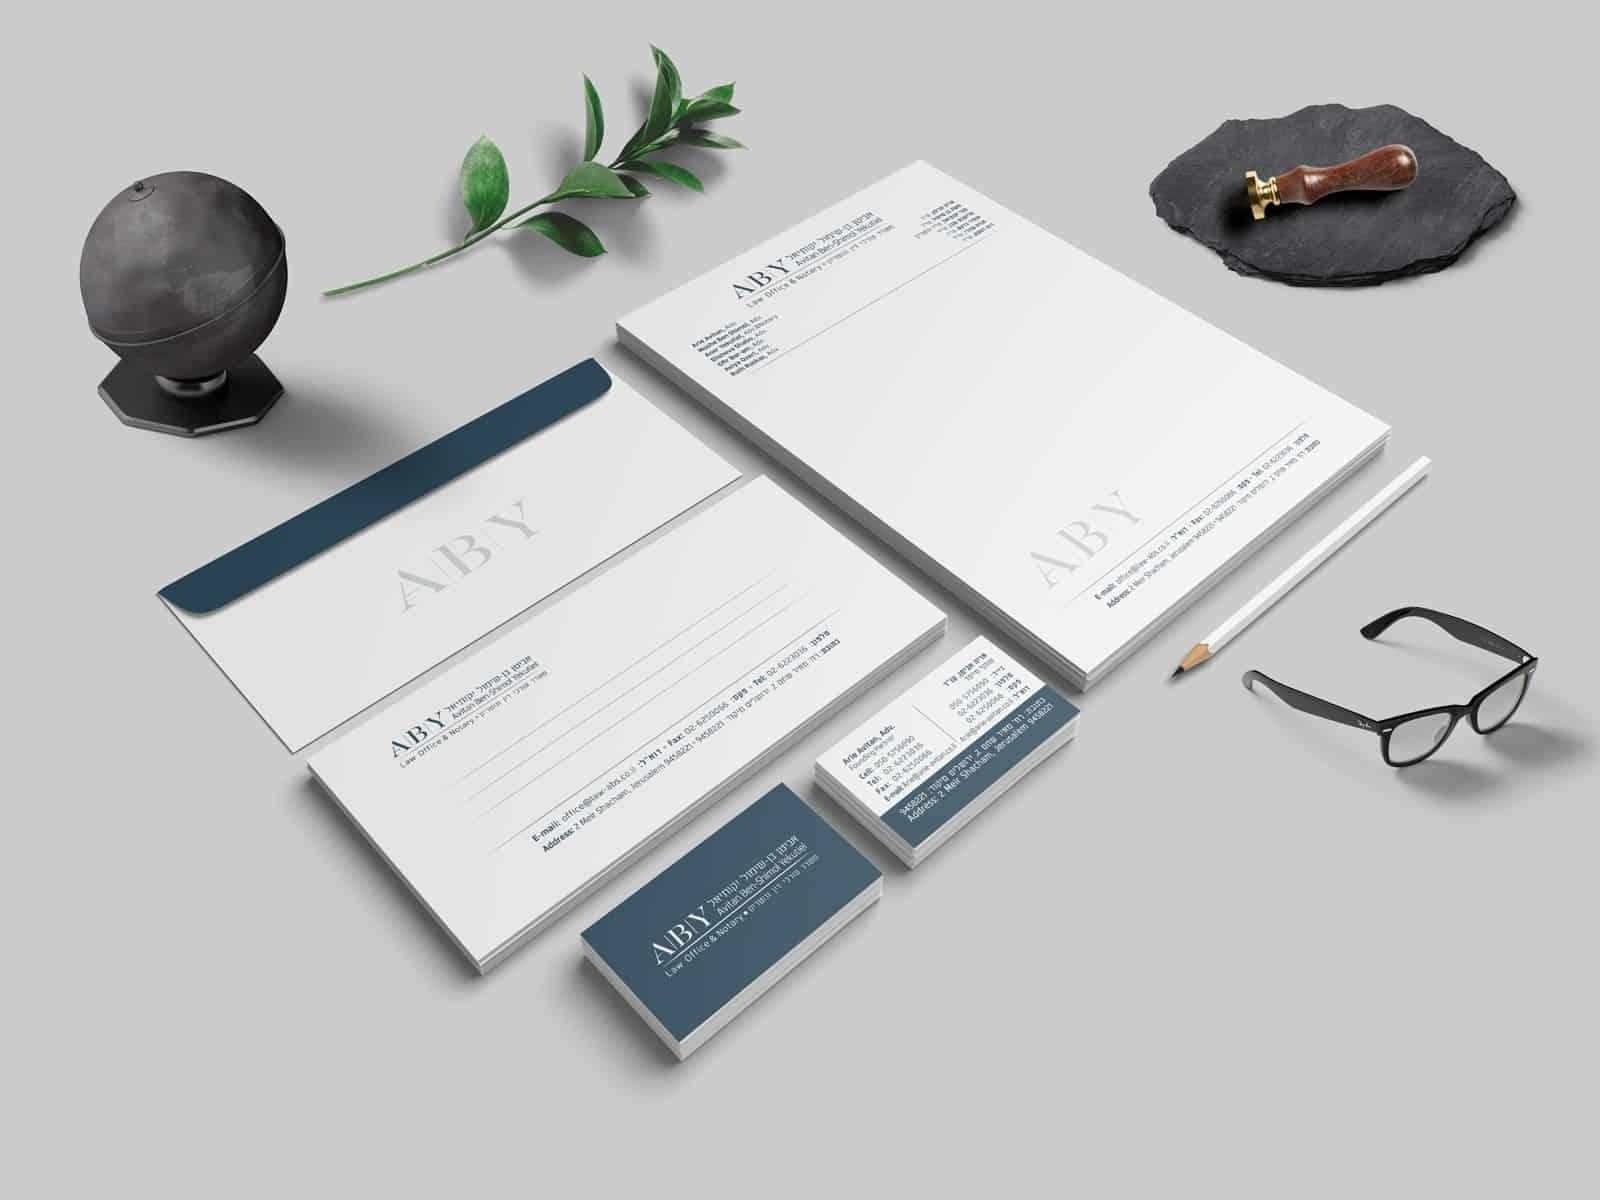 מיתוג ניירת משרדית לעורכי דין